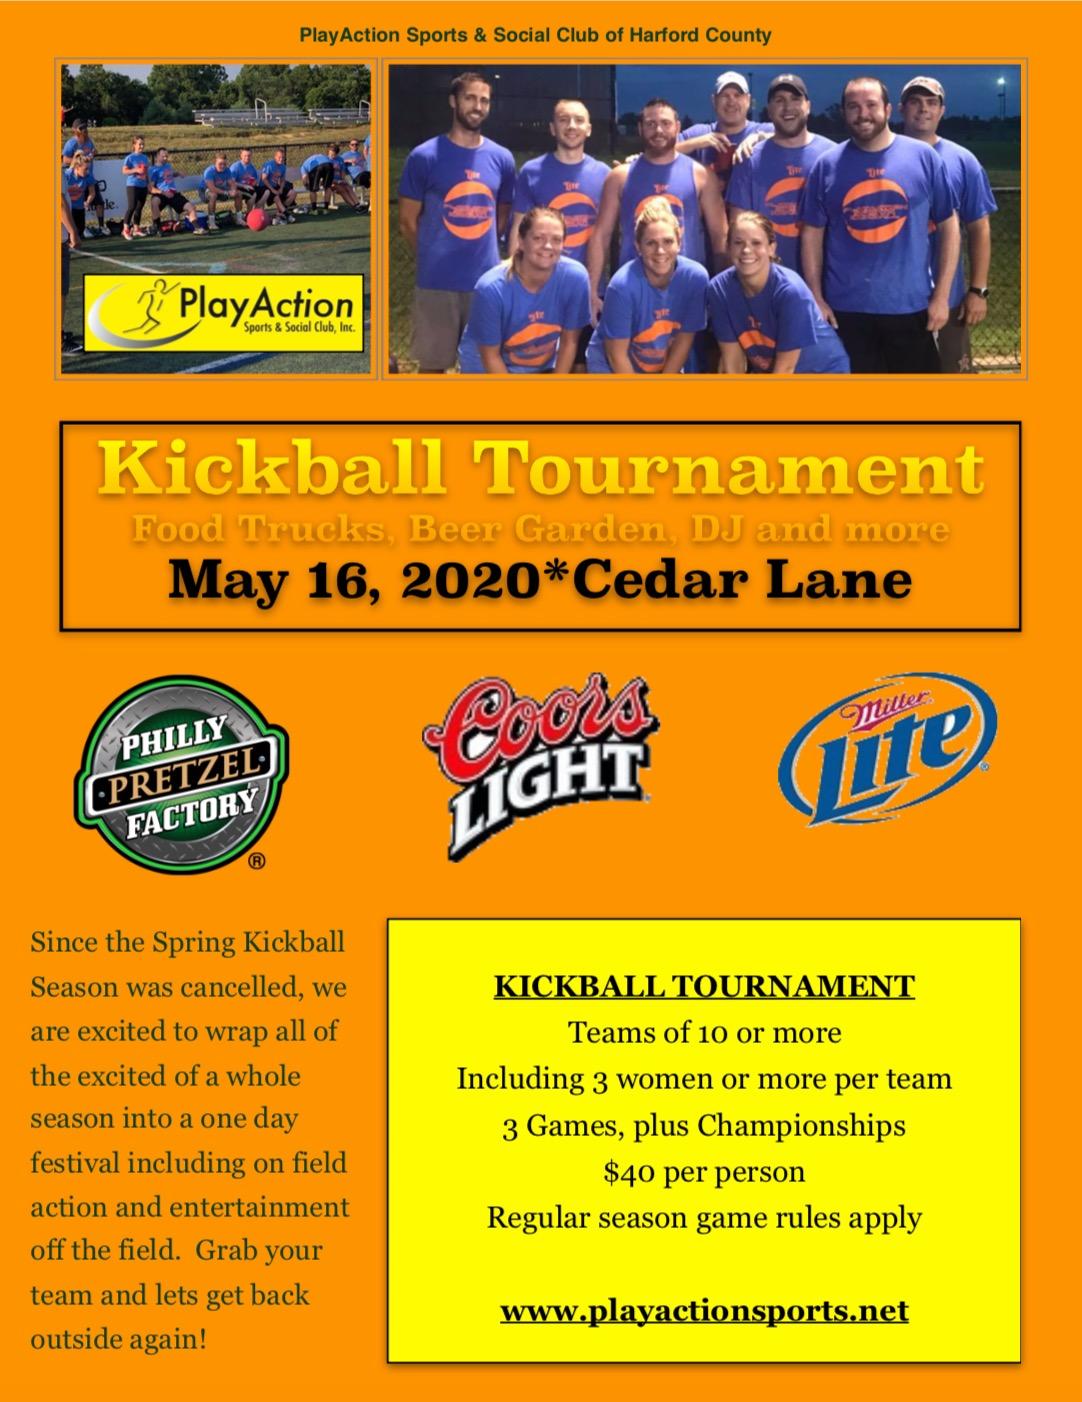 PAS - 1 Day kickball tournament 2020